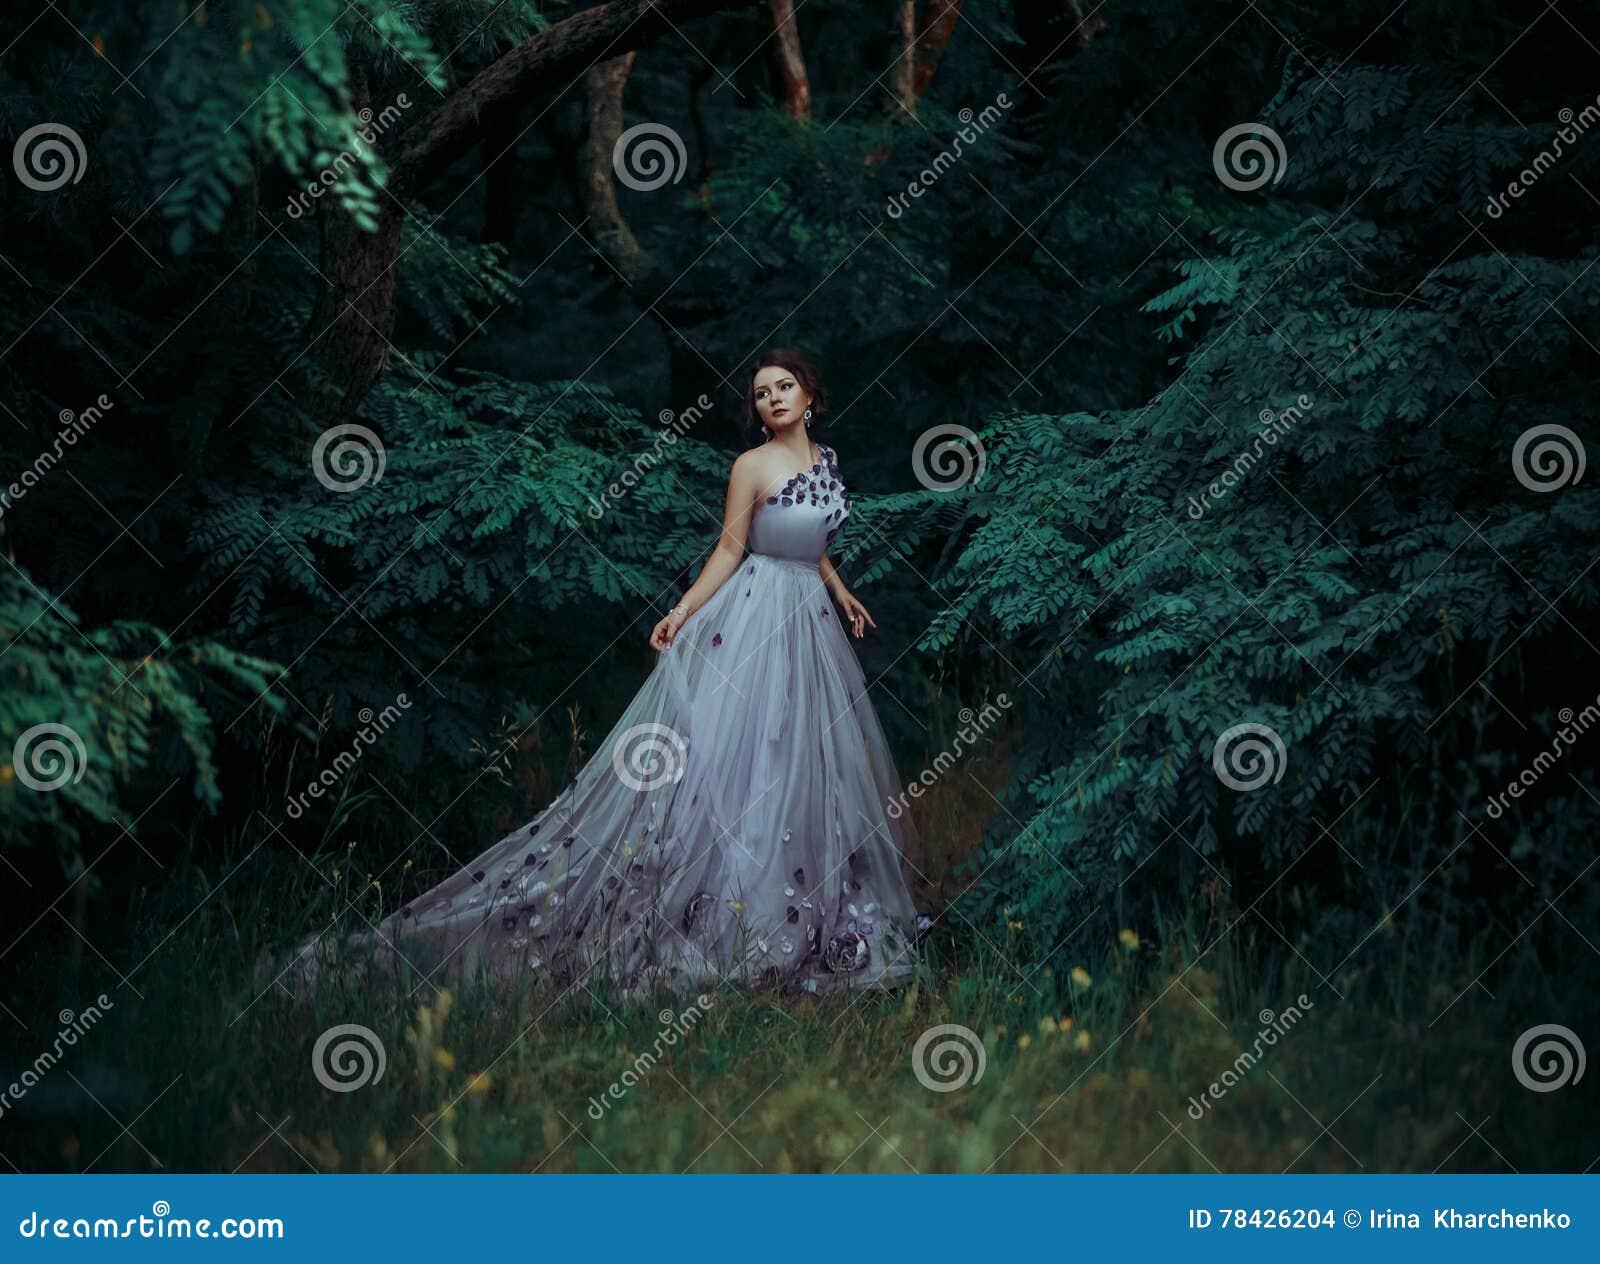 Belle fille dans une longue robe magnifique, promenade parmi les arbres